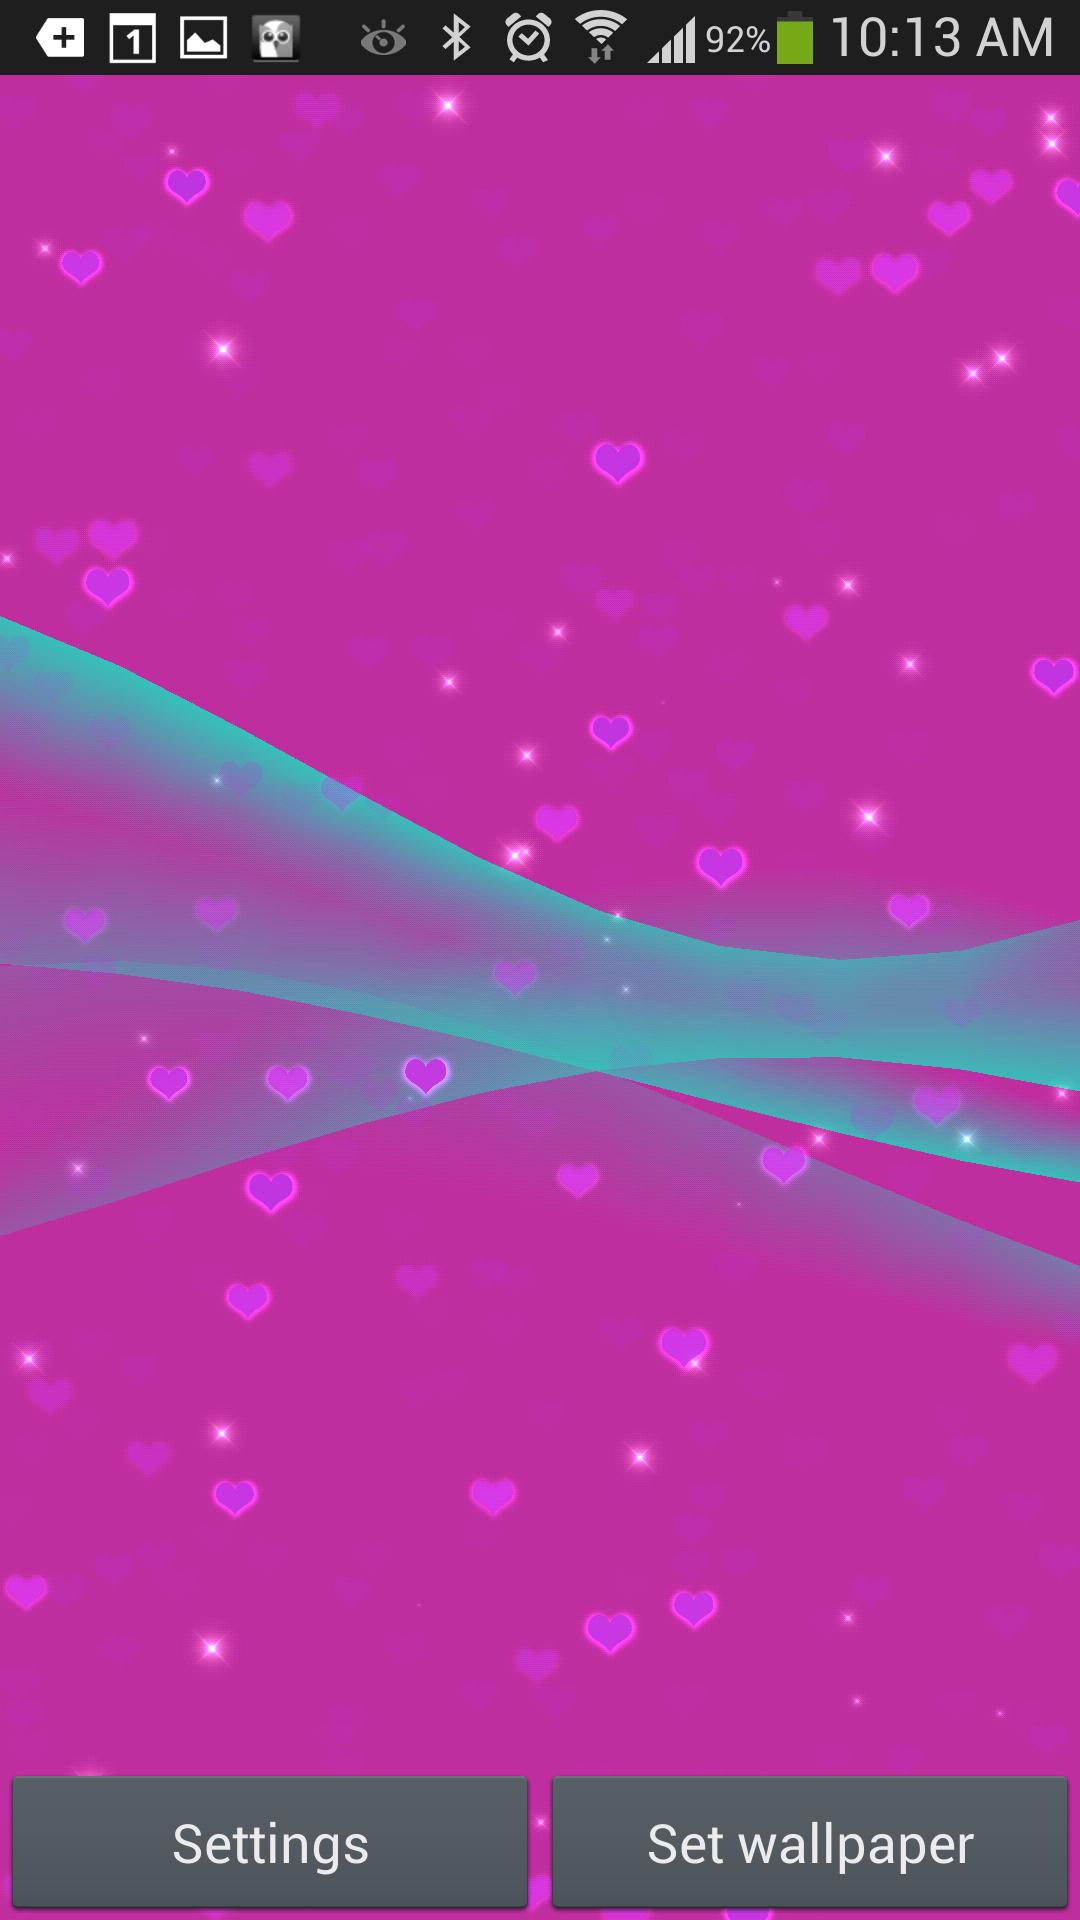 Heart Live Wallpaper 3   AndroidTapp 1080x1920